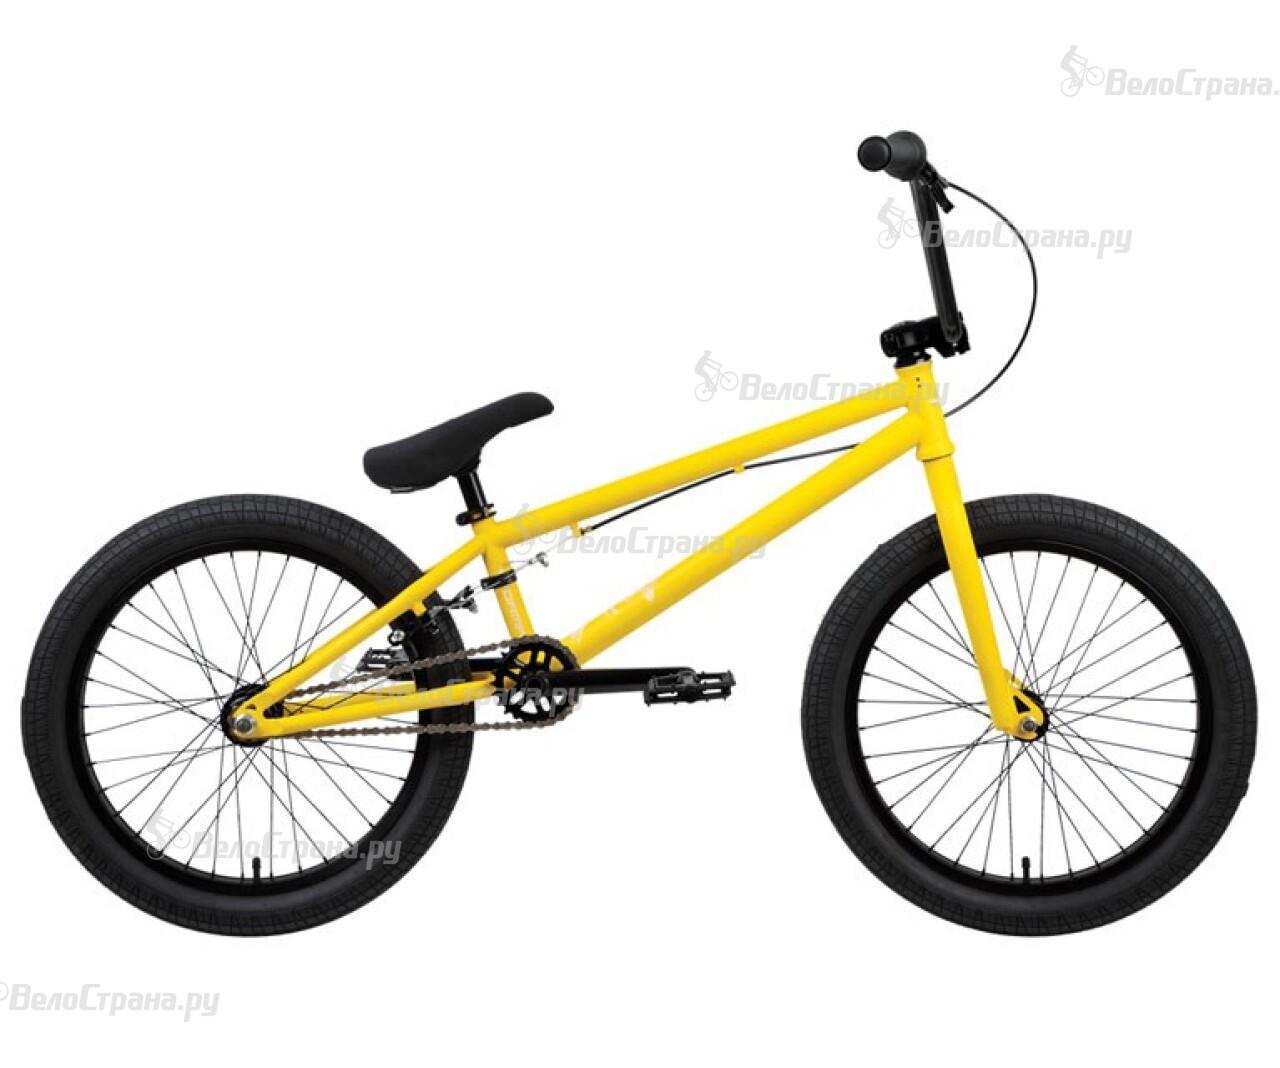 Велосипед Format 3213 (2014) велосипед format 3213 2014